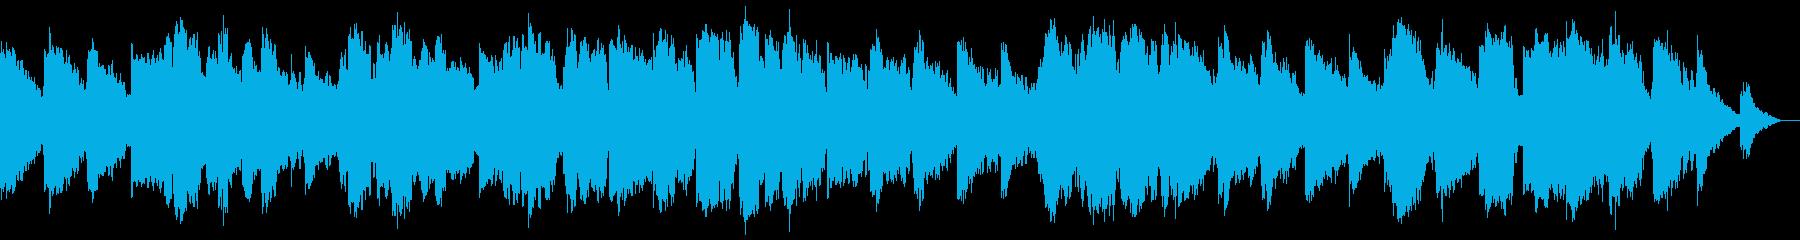 静かな低音のケーナの瞑想音楽の再生済みの波形